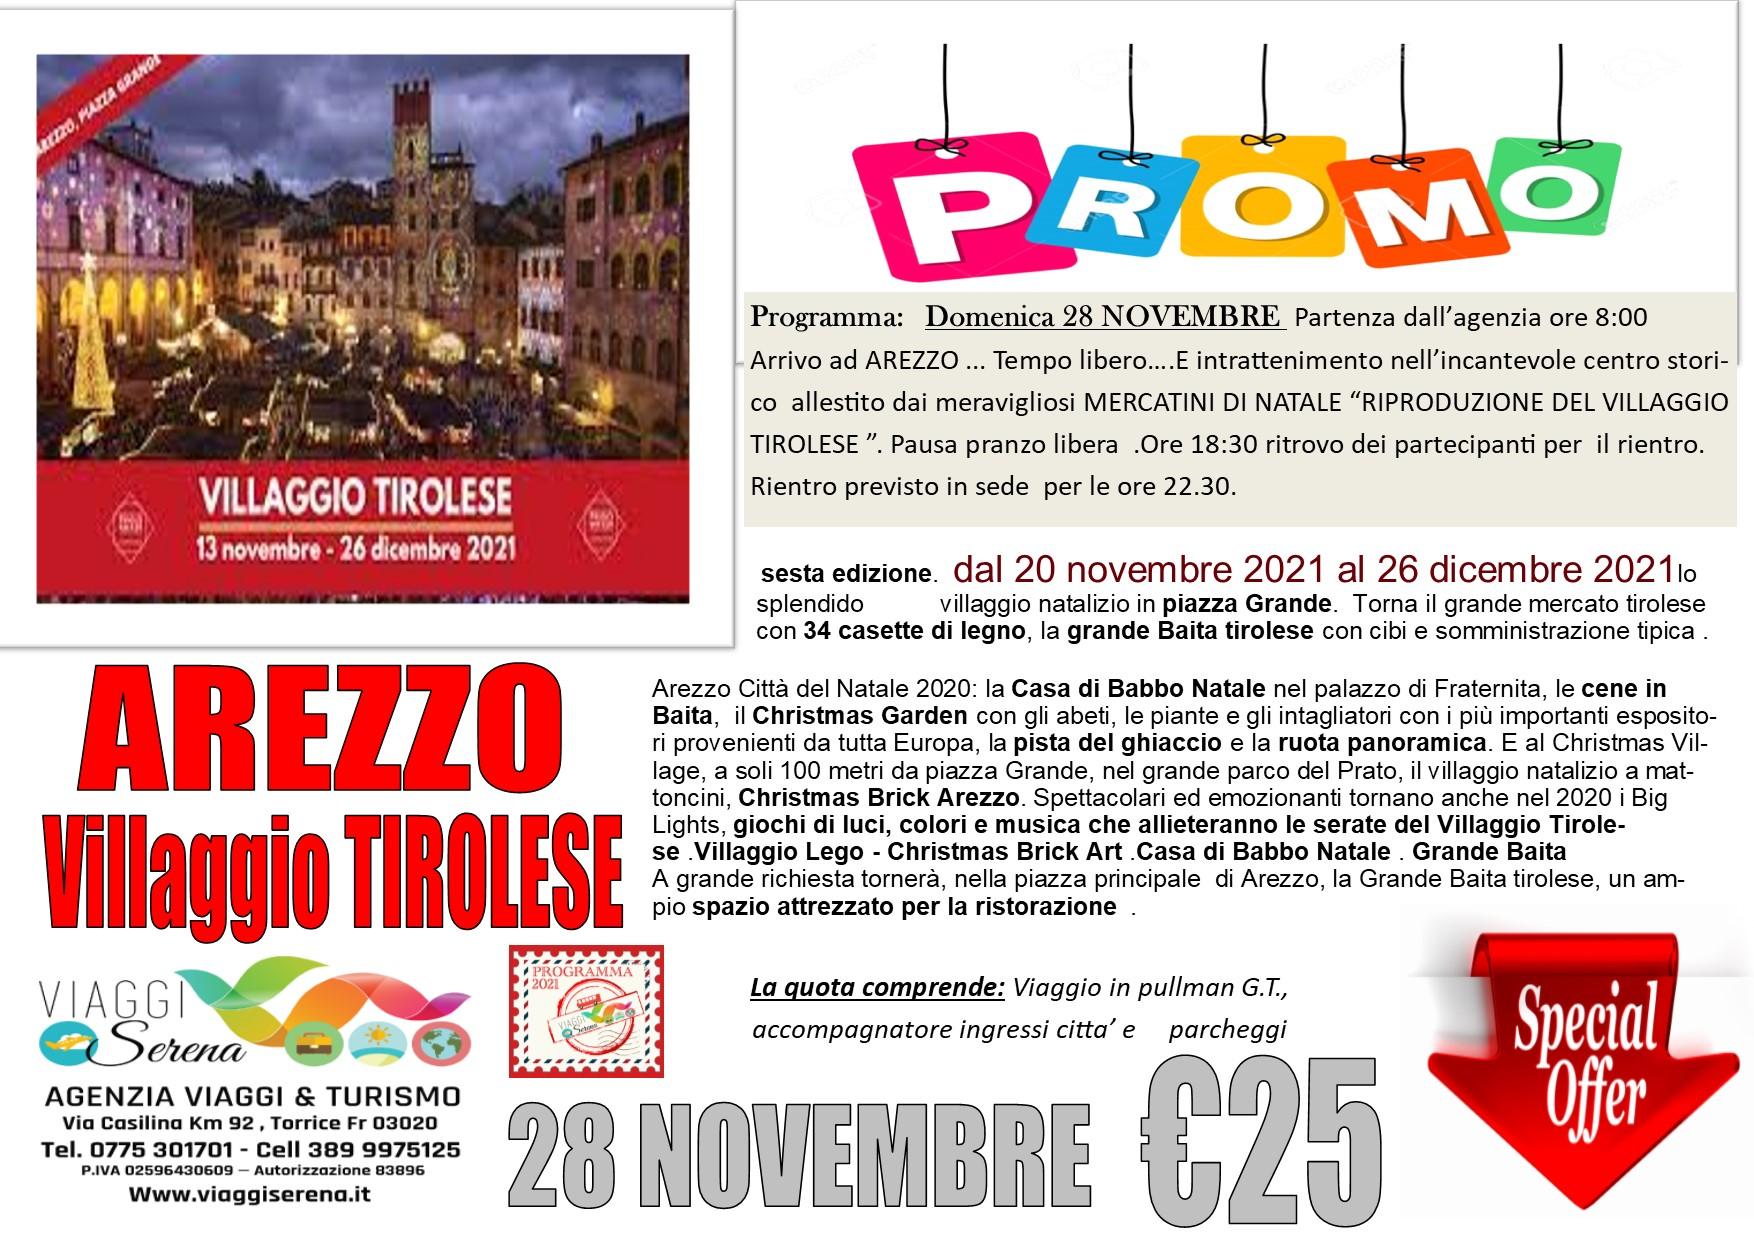 Viaggi di Gruppo: Villaggio Tirolese AREZZO 28 Novembre € 25,00